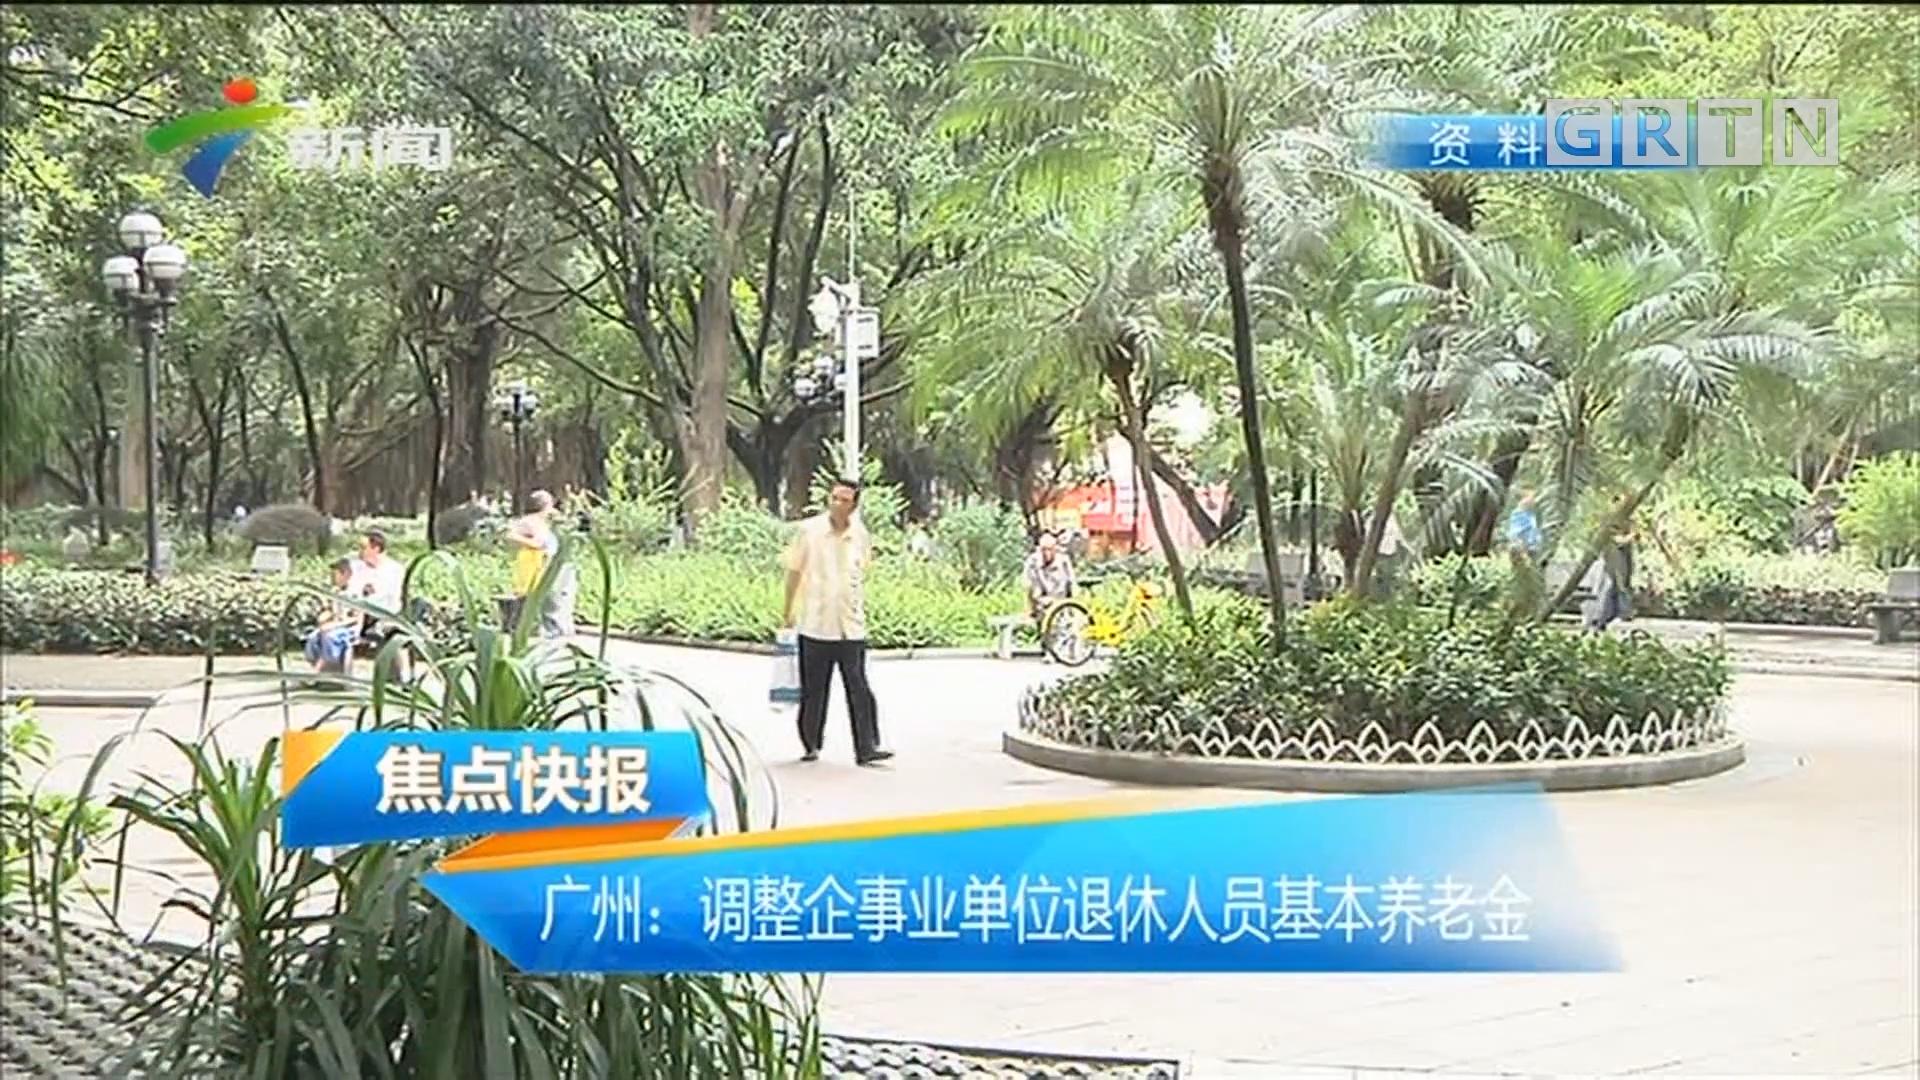 广州:调整企事业单位退休人员基本养老金